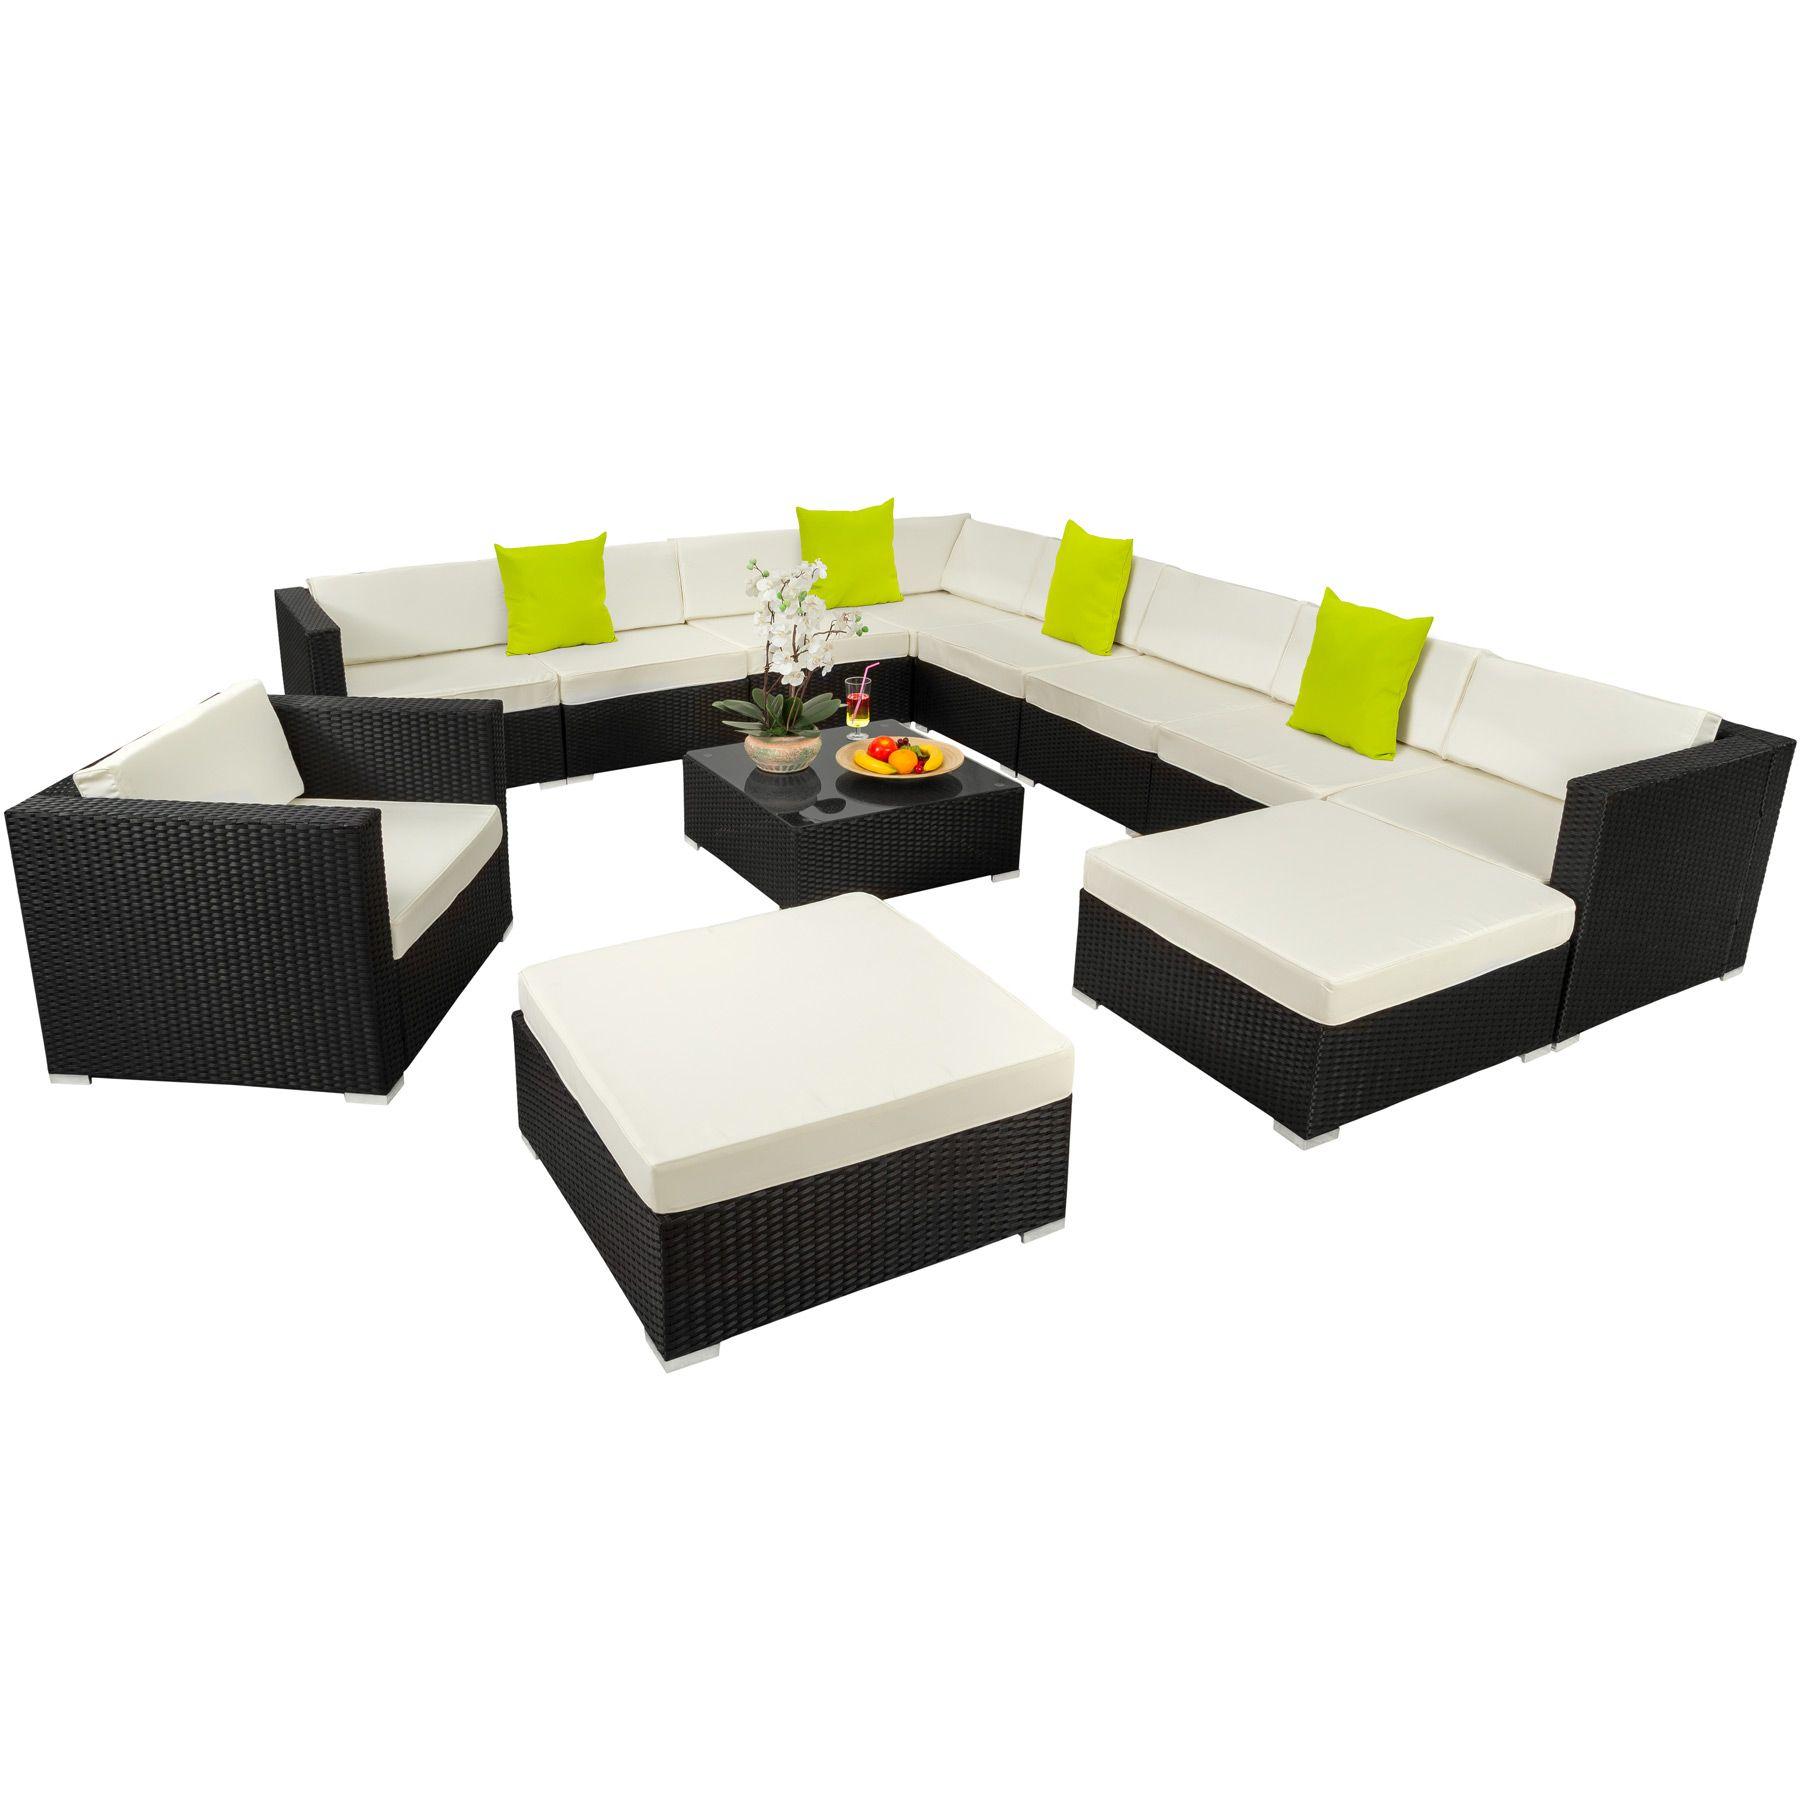 AuBergewohnlich Unsere Rattan Lounge Ist Vielseitig Einsetzbar Und Wertet Ihren Garten,  Ihre Terrasse, Wintergarten Oder Wohnzimmer Optisch Auf.